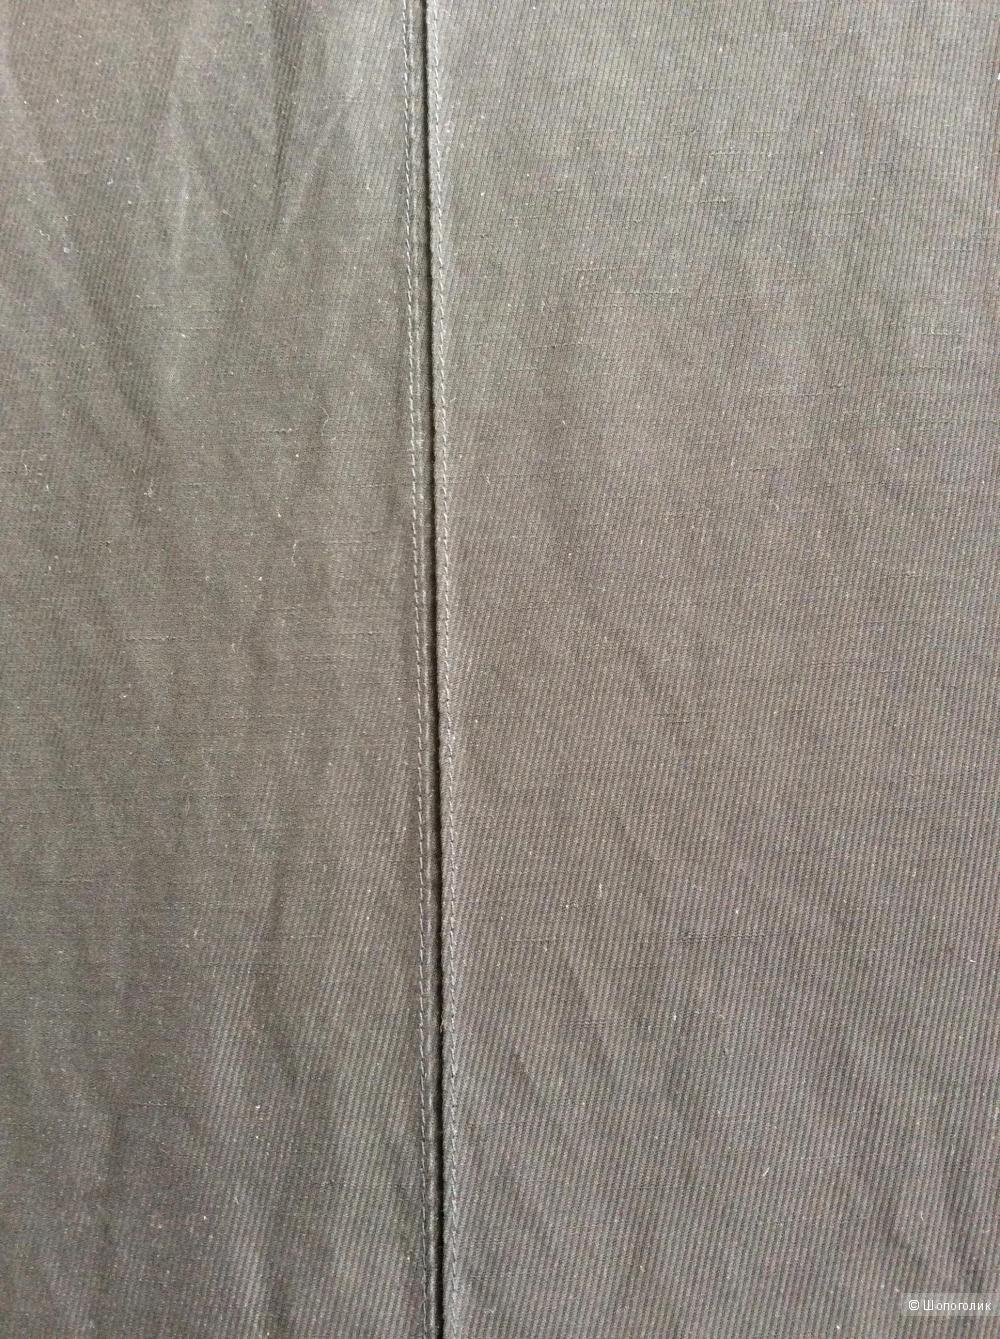 Мужские брюки Armani collezioni на р.50-52.